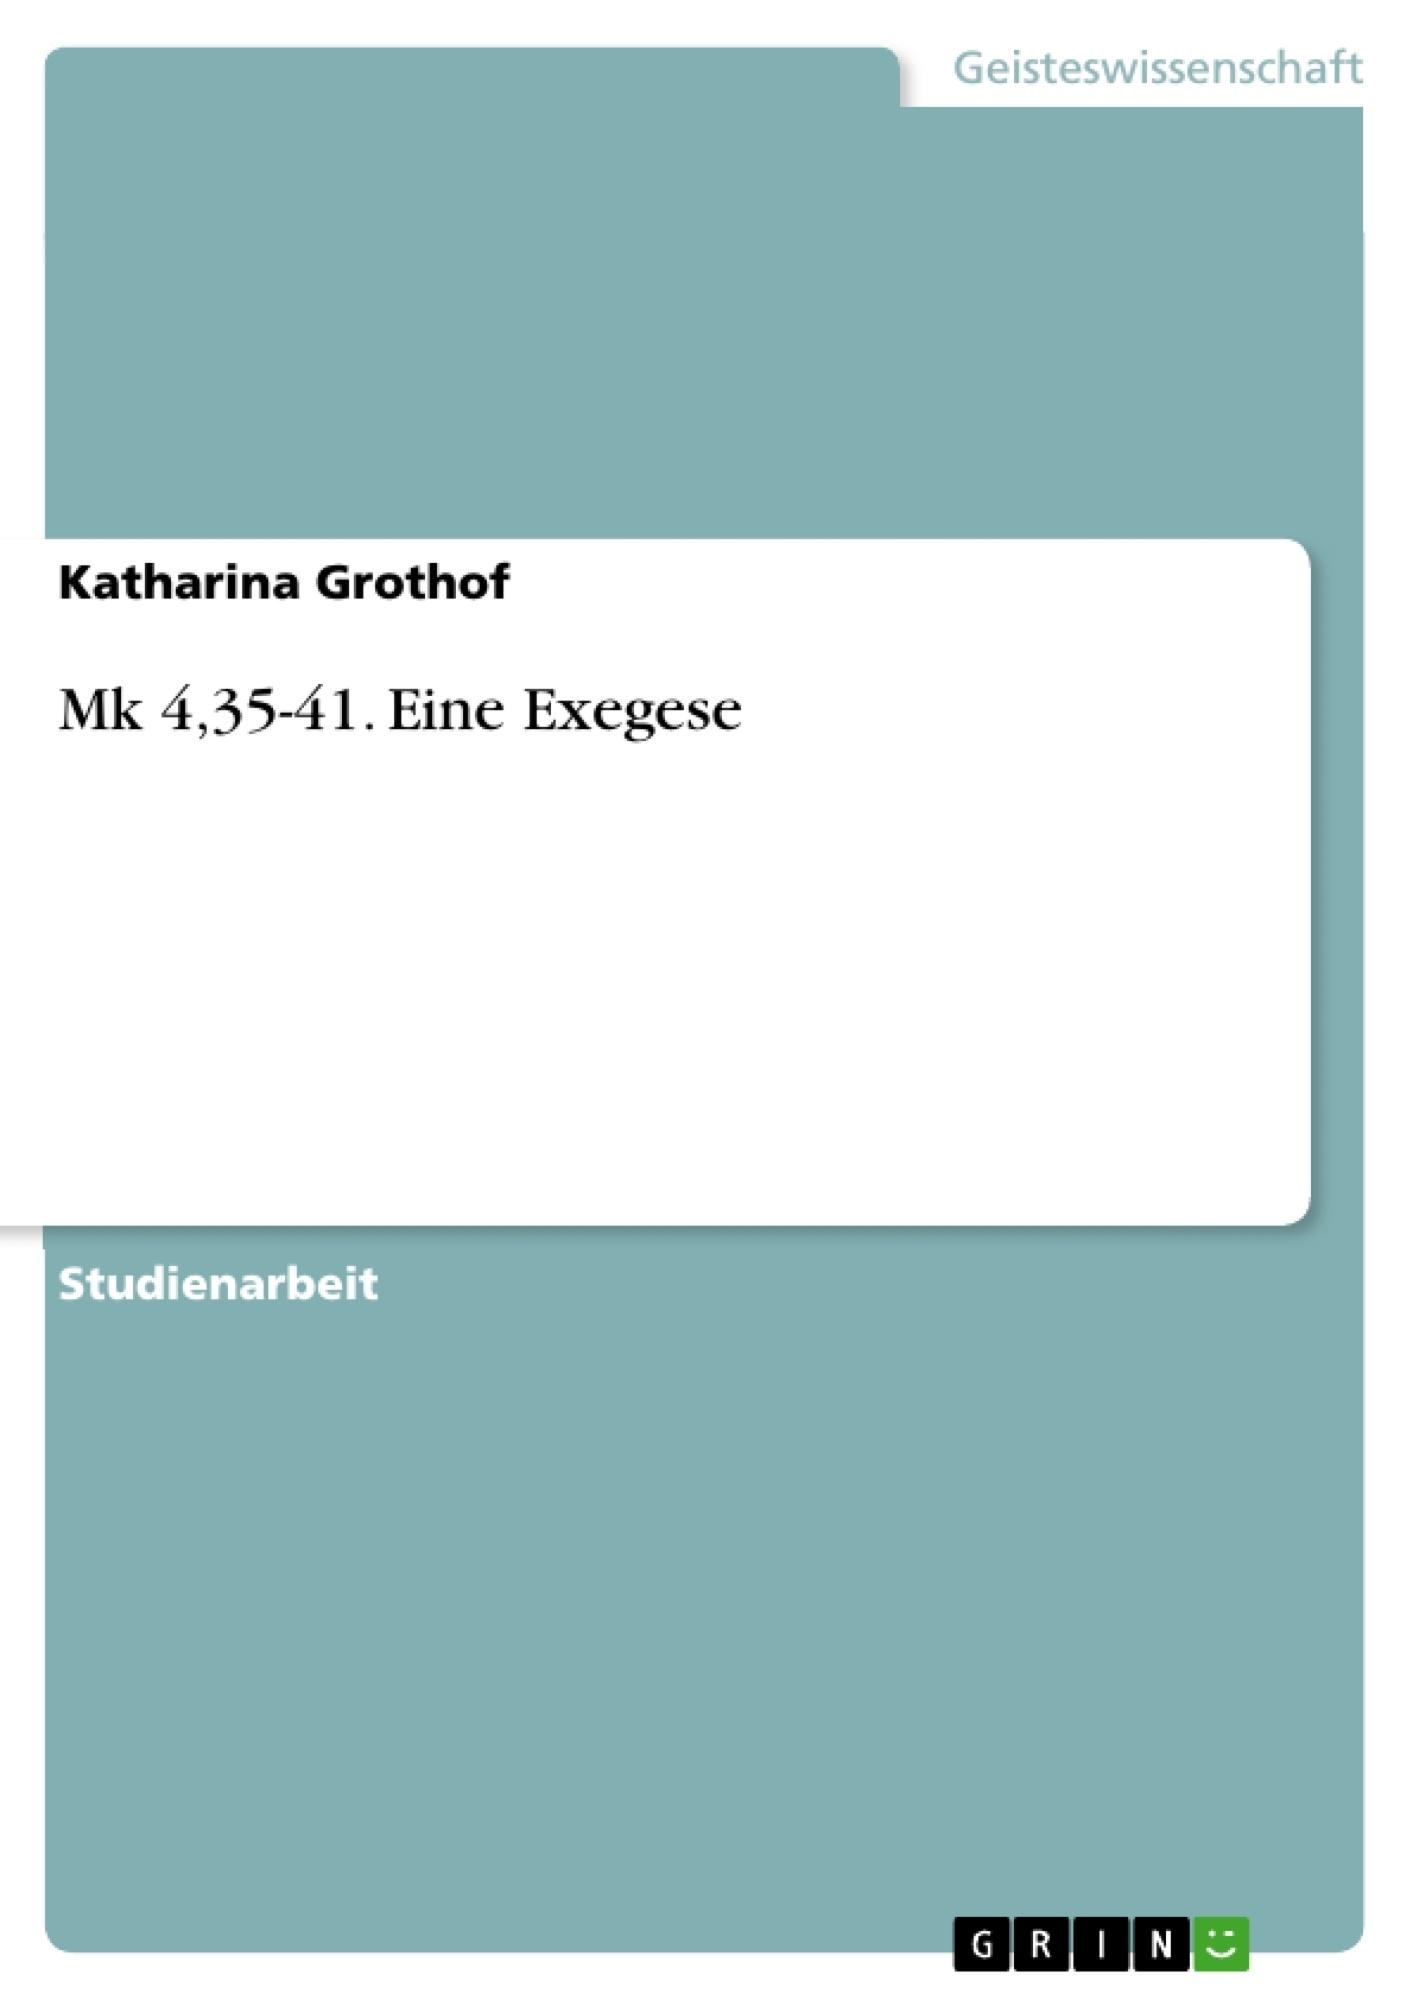 Titel: Mk 4,35-41. Eine Exegese